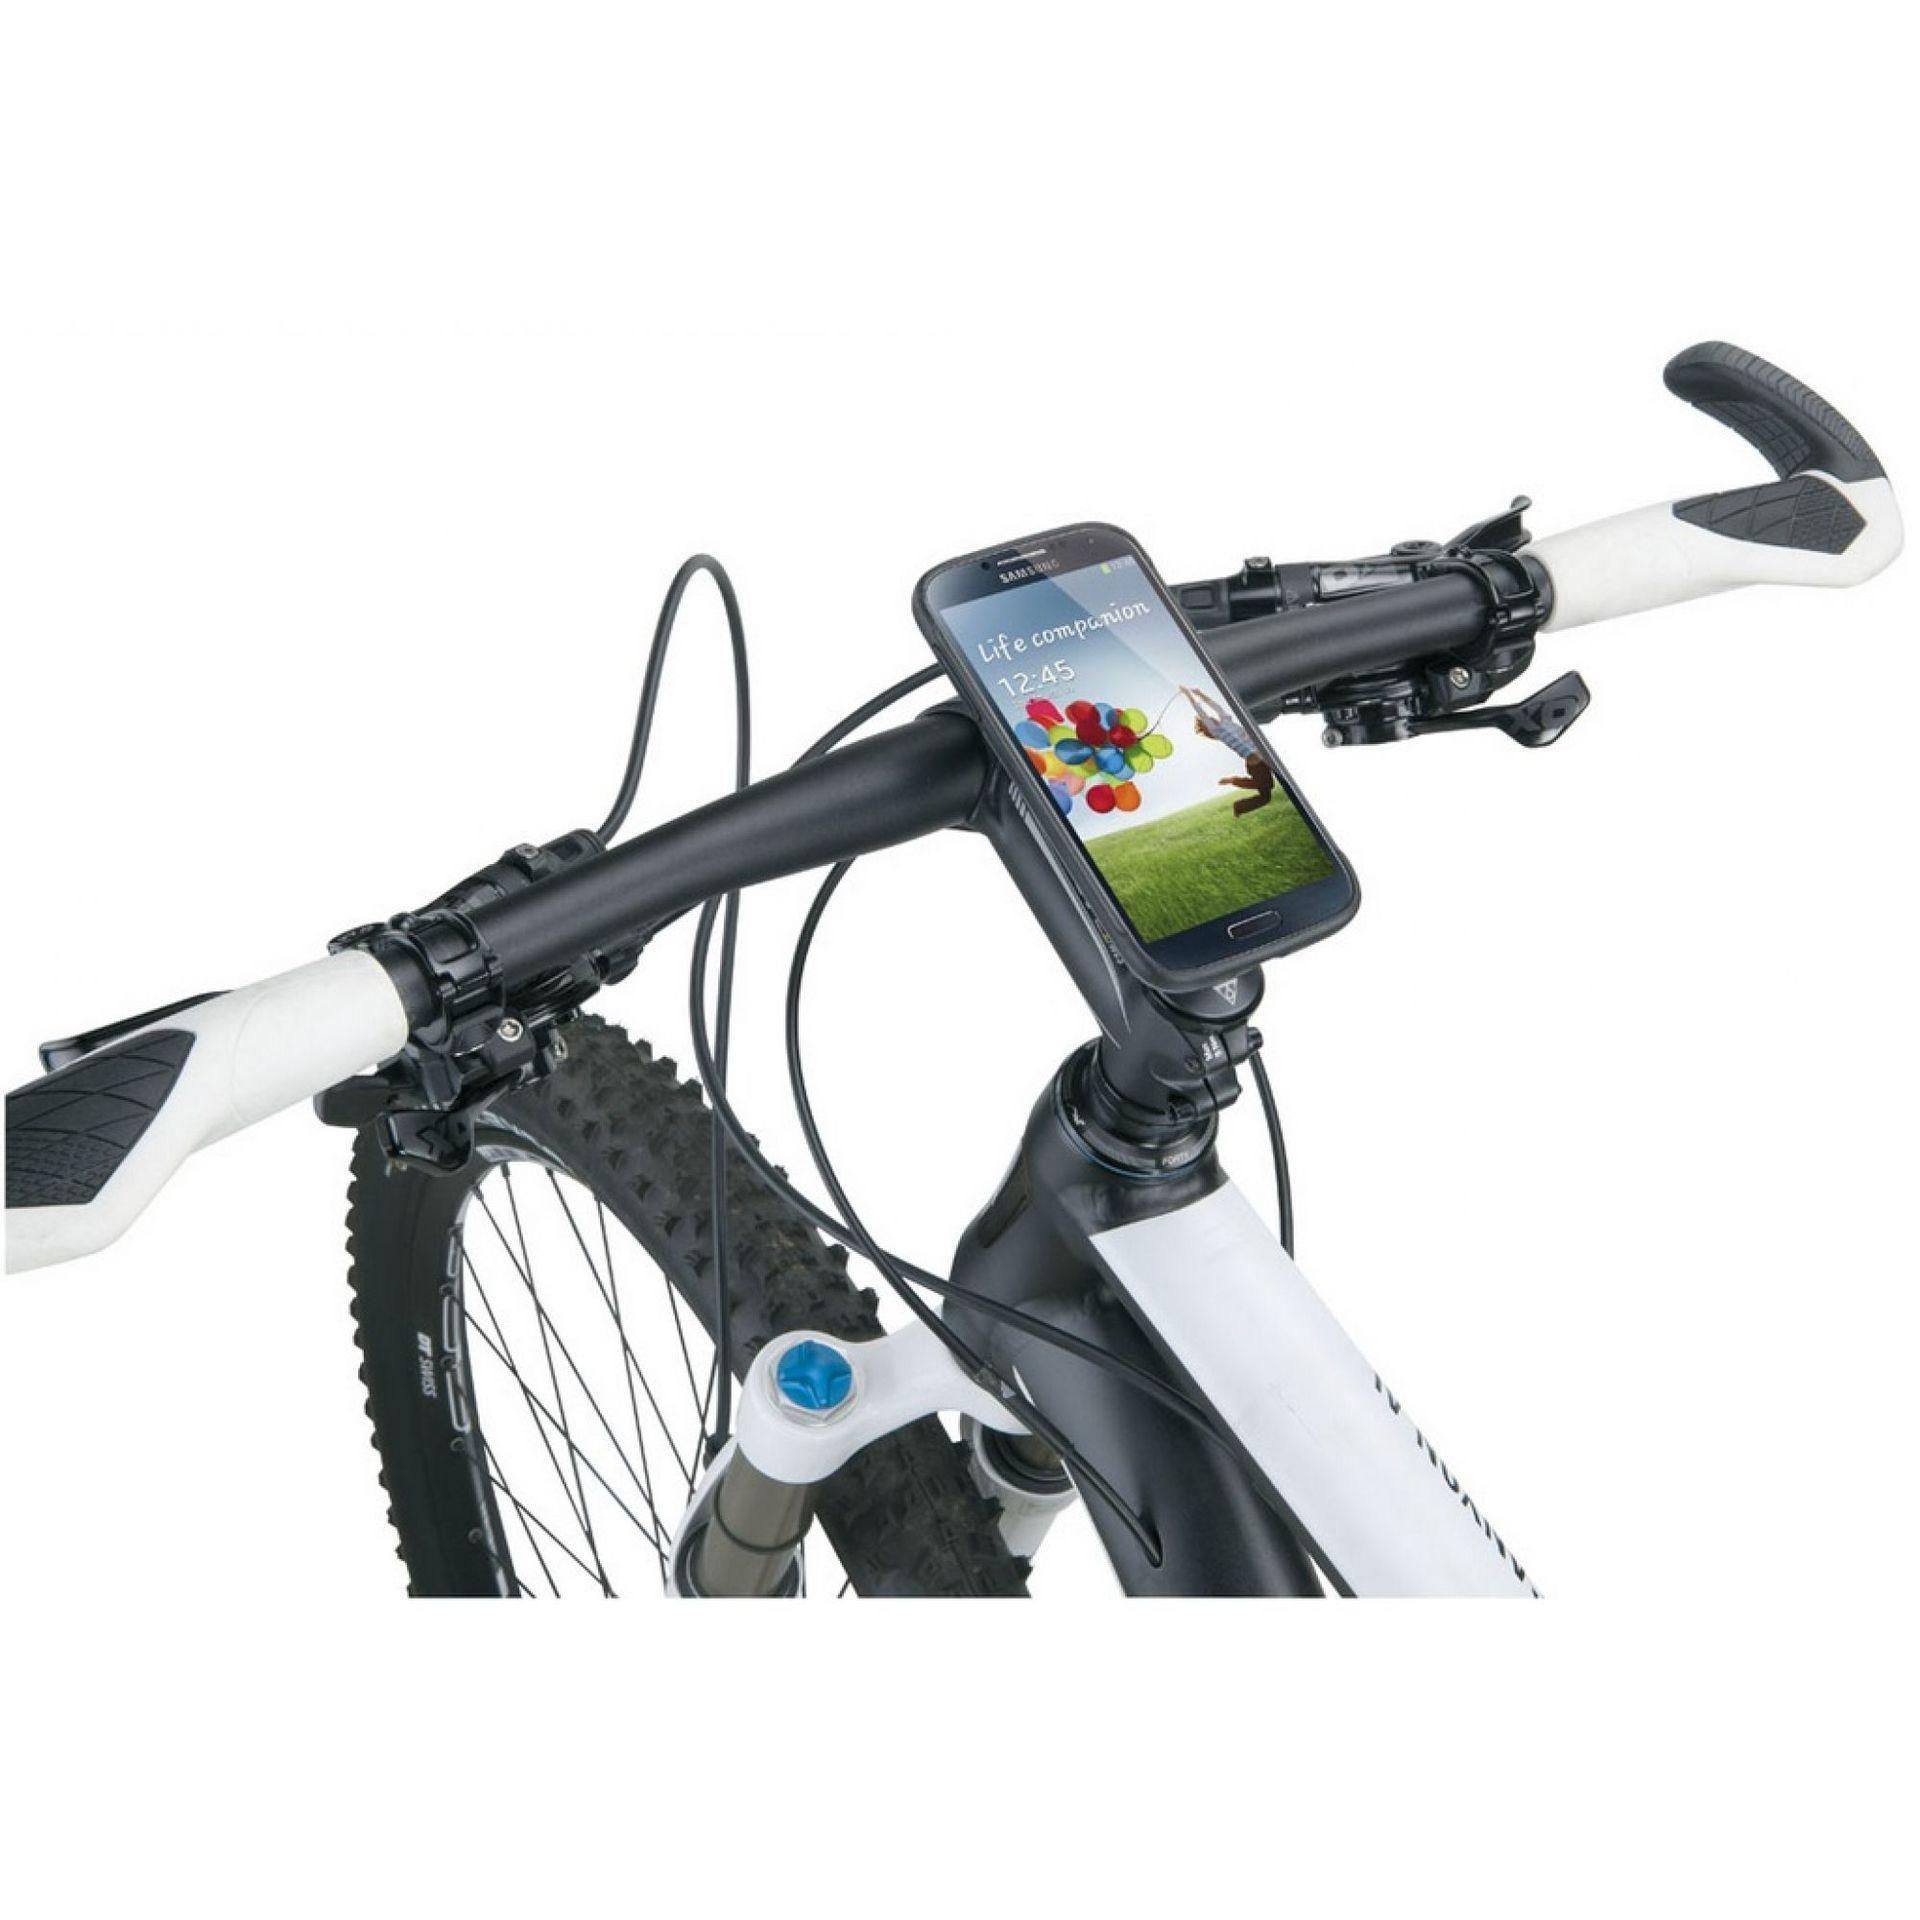 RideCase dla Samsunga Galaxy S3 na rowerze